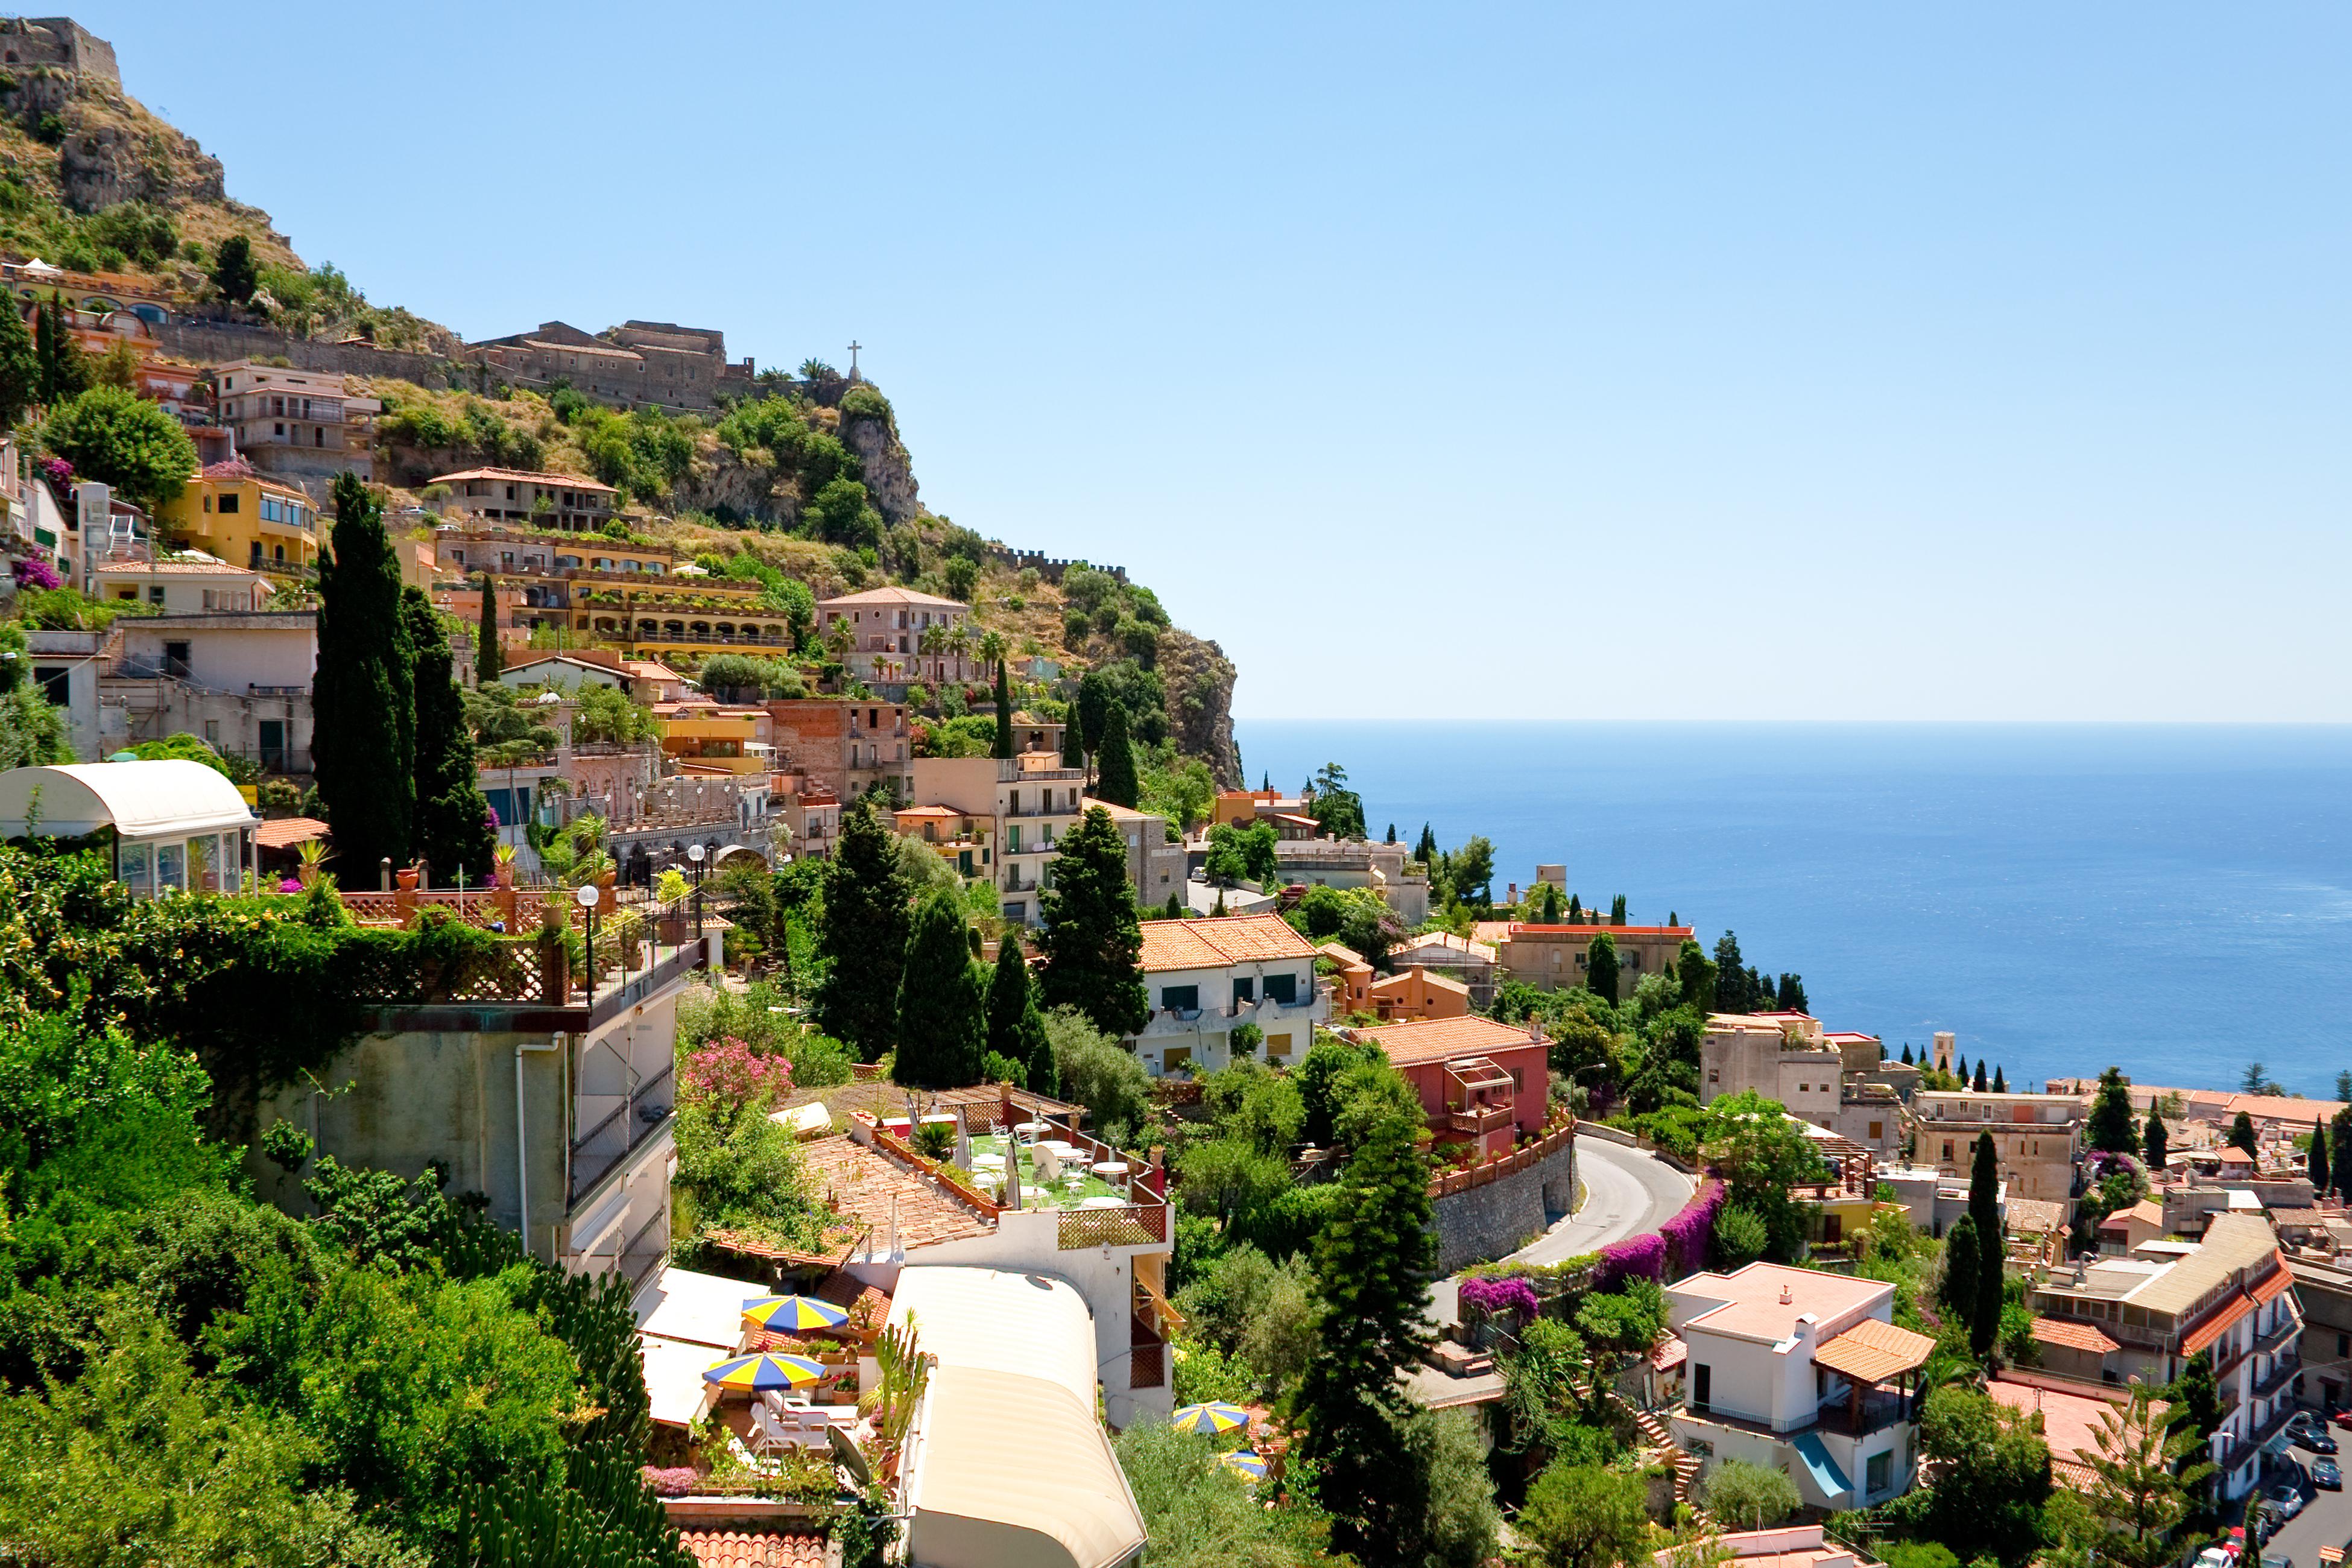 Un paseo por la elegante Taormina, refugio de artistas y famosos - Italia Circuito Sicilia Eterna: de Catania a Palermo